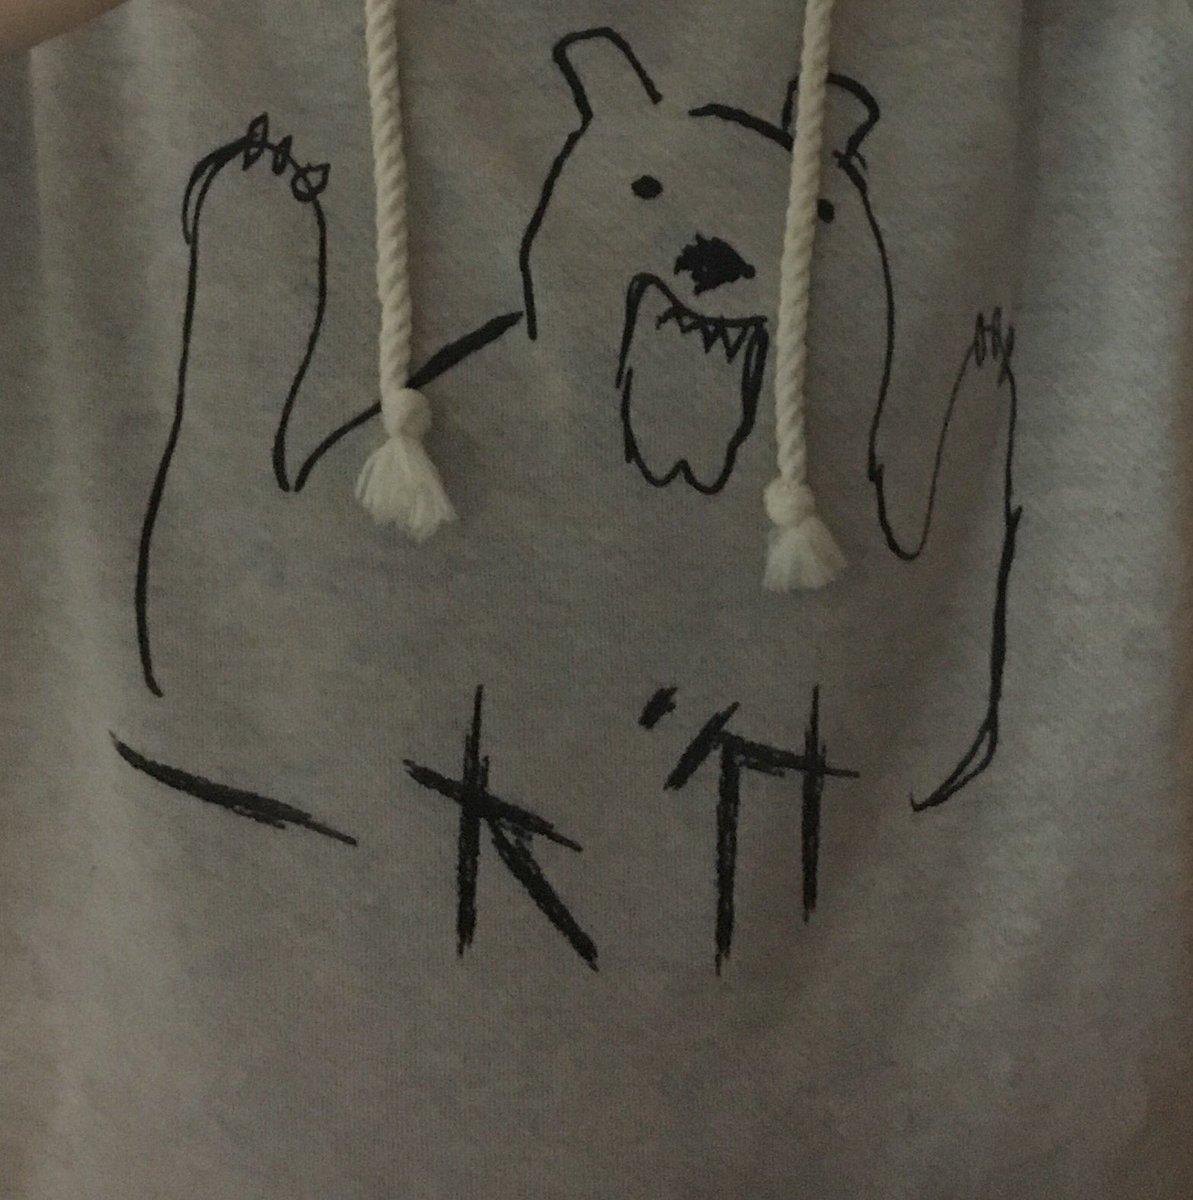 1枚目:今日着てた服の写真2枚目:今日スタバに行った時の写真結論:スタバの店員さん可愛すぎかよ!!!! pic.twitter.com/GwpmkaElL3